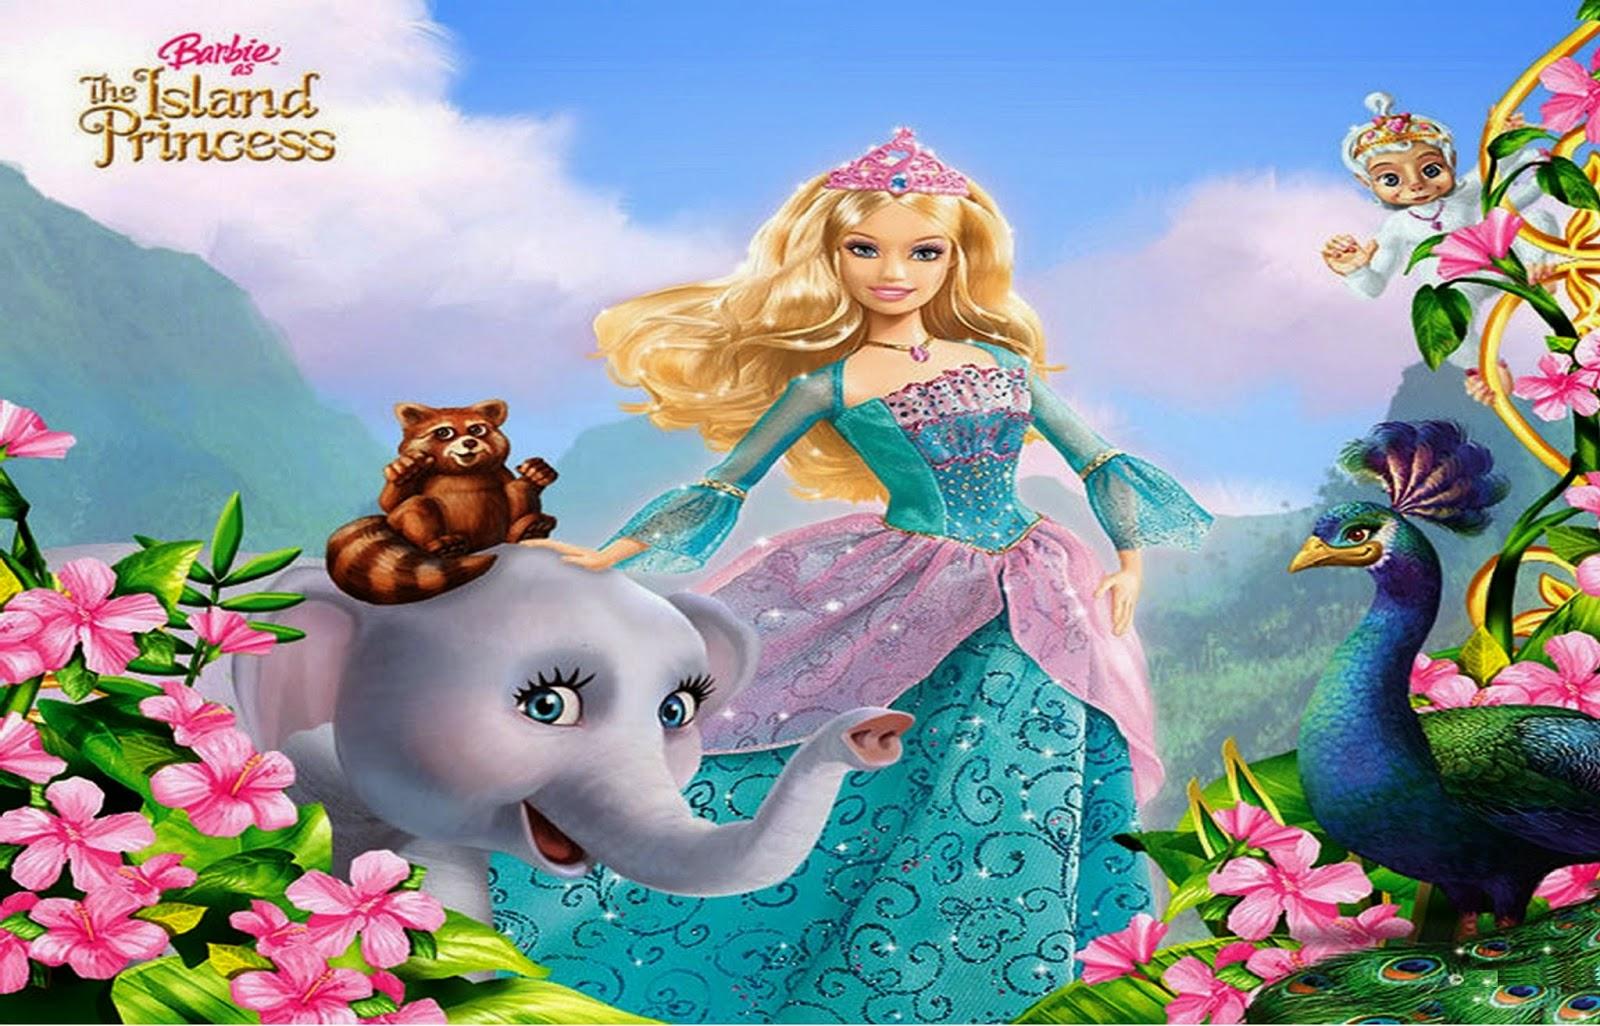 Смотреть барби принцесса острова 3 фотография